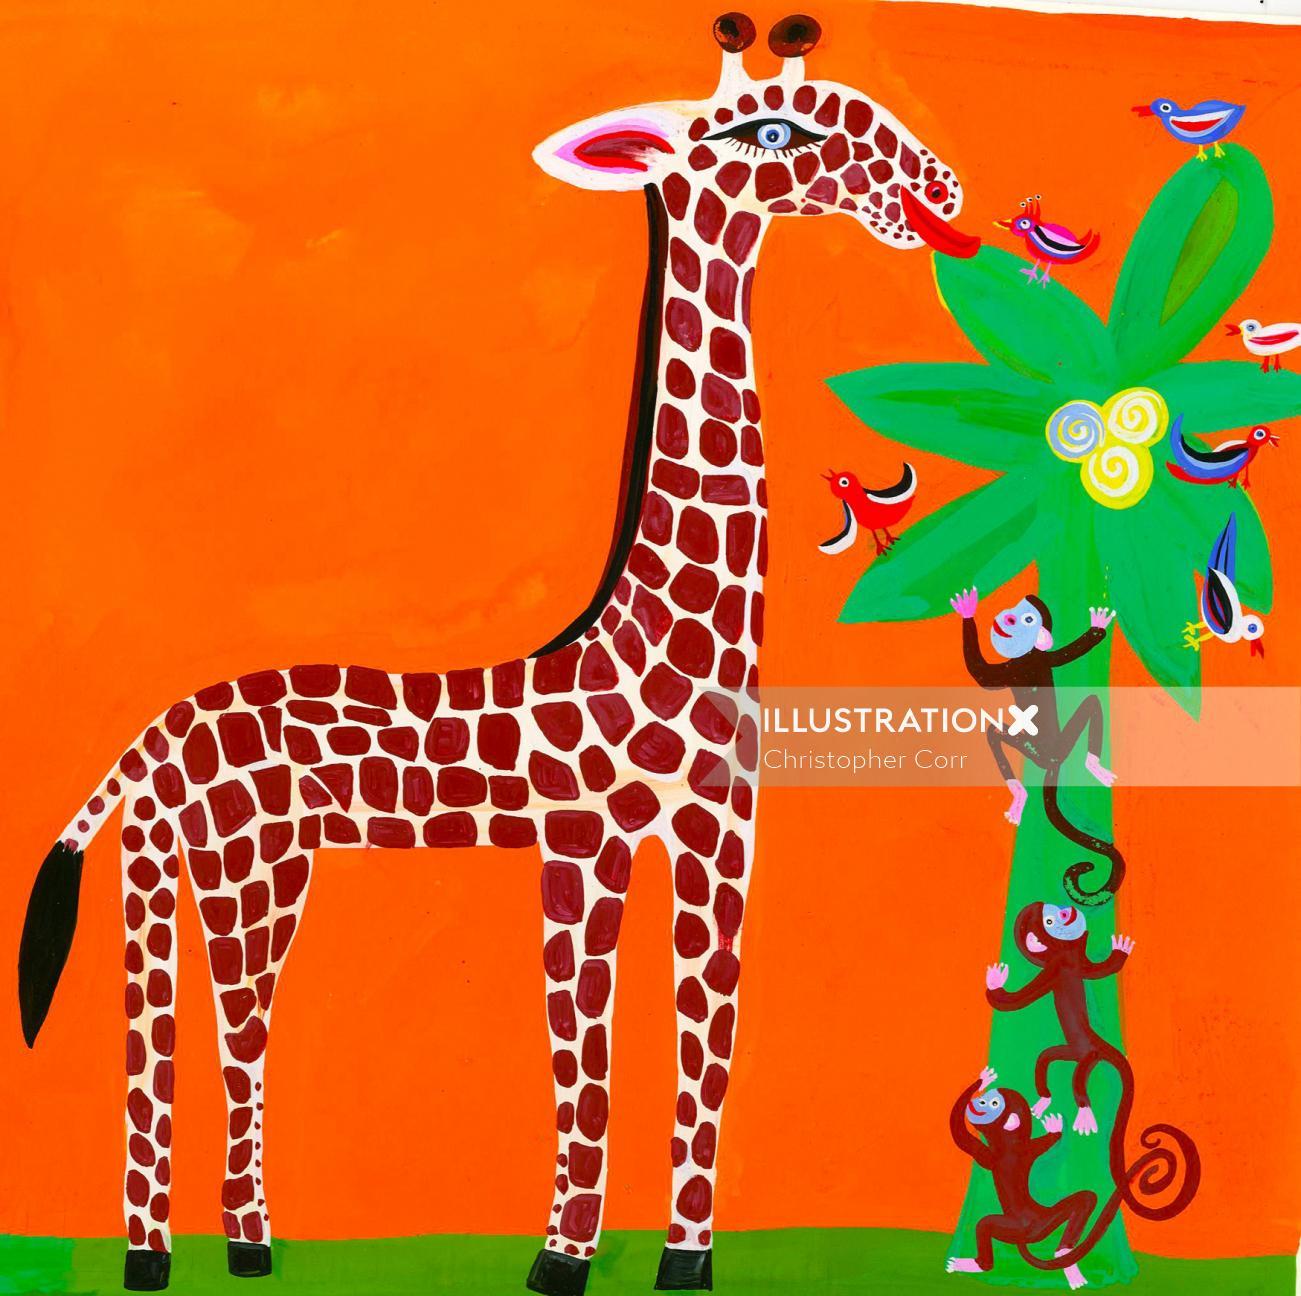 Giraffe & monkeys illustration | Cartoon gallery